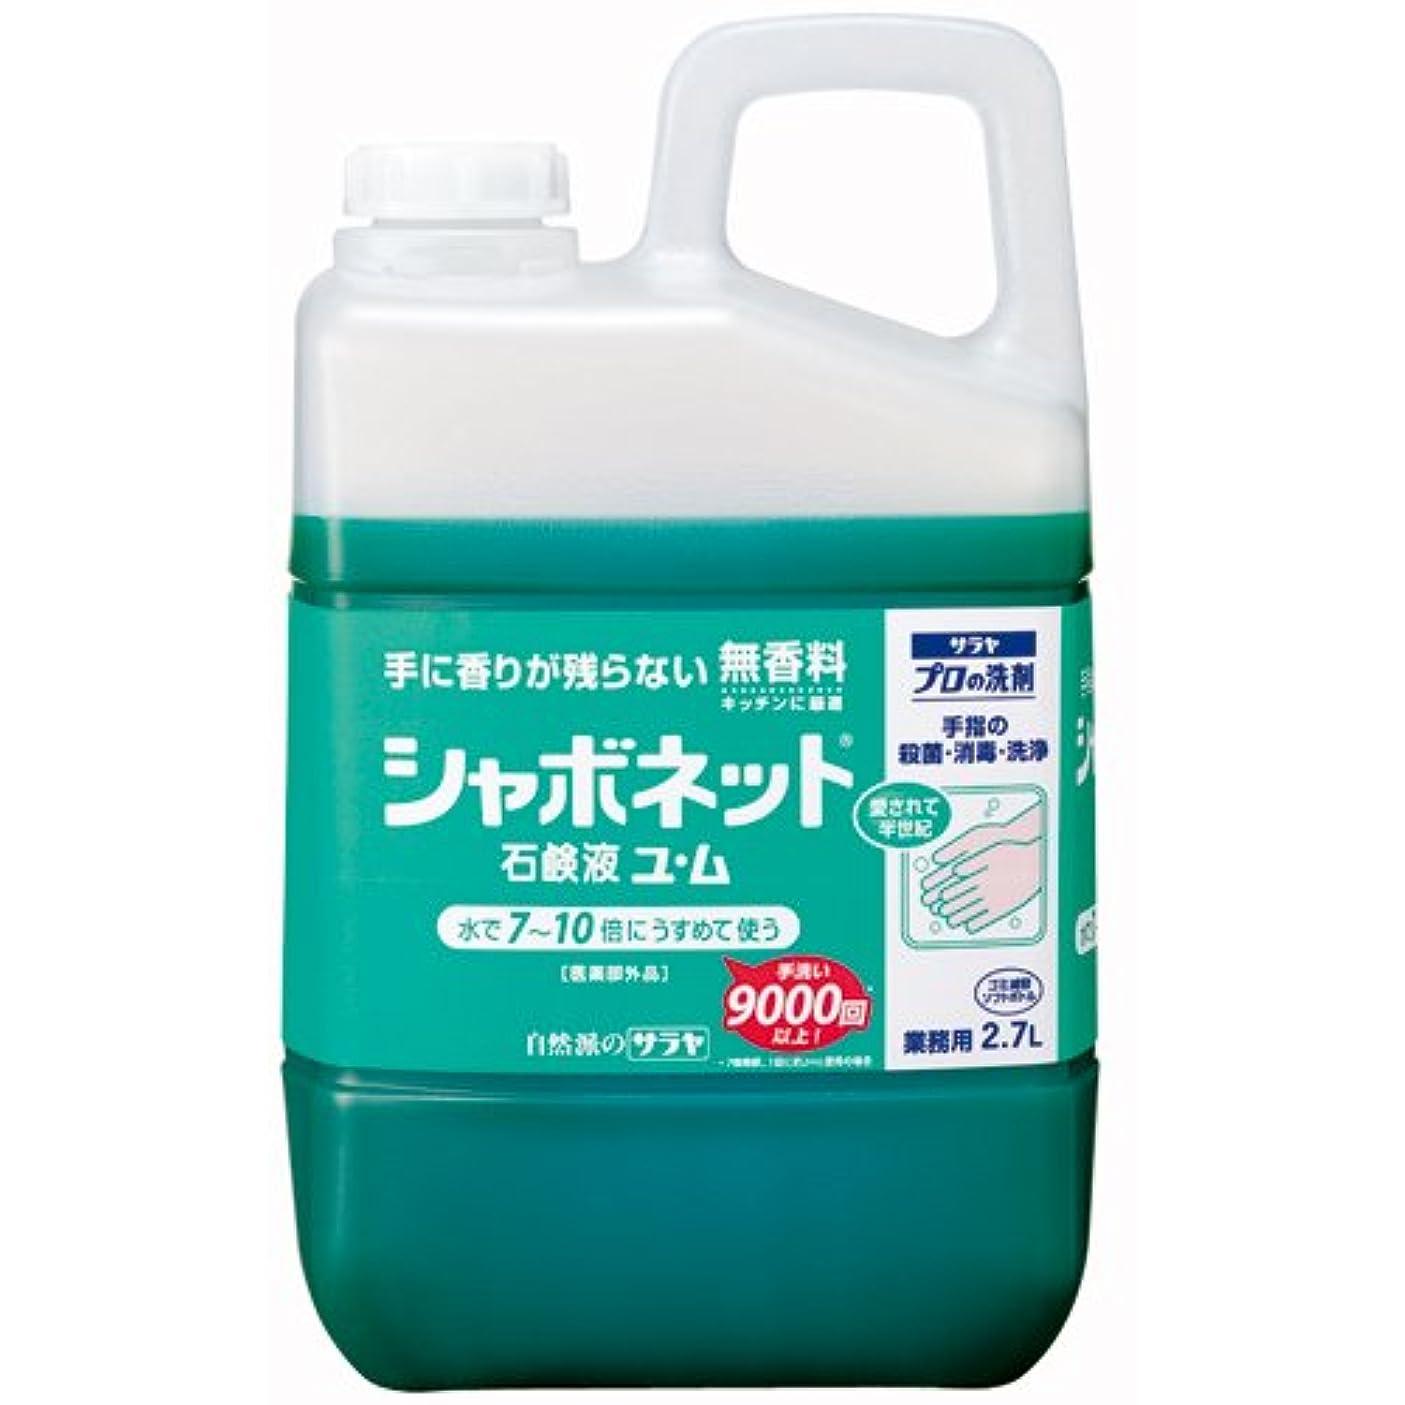 放棄君主ベアリングサラヤ シャボネット石鹸液 ユ?ム 無香料 業務用 2.7L